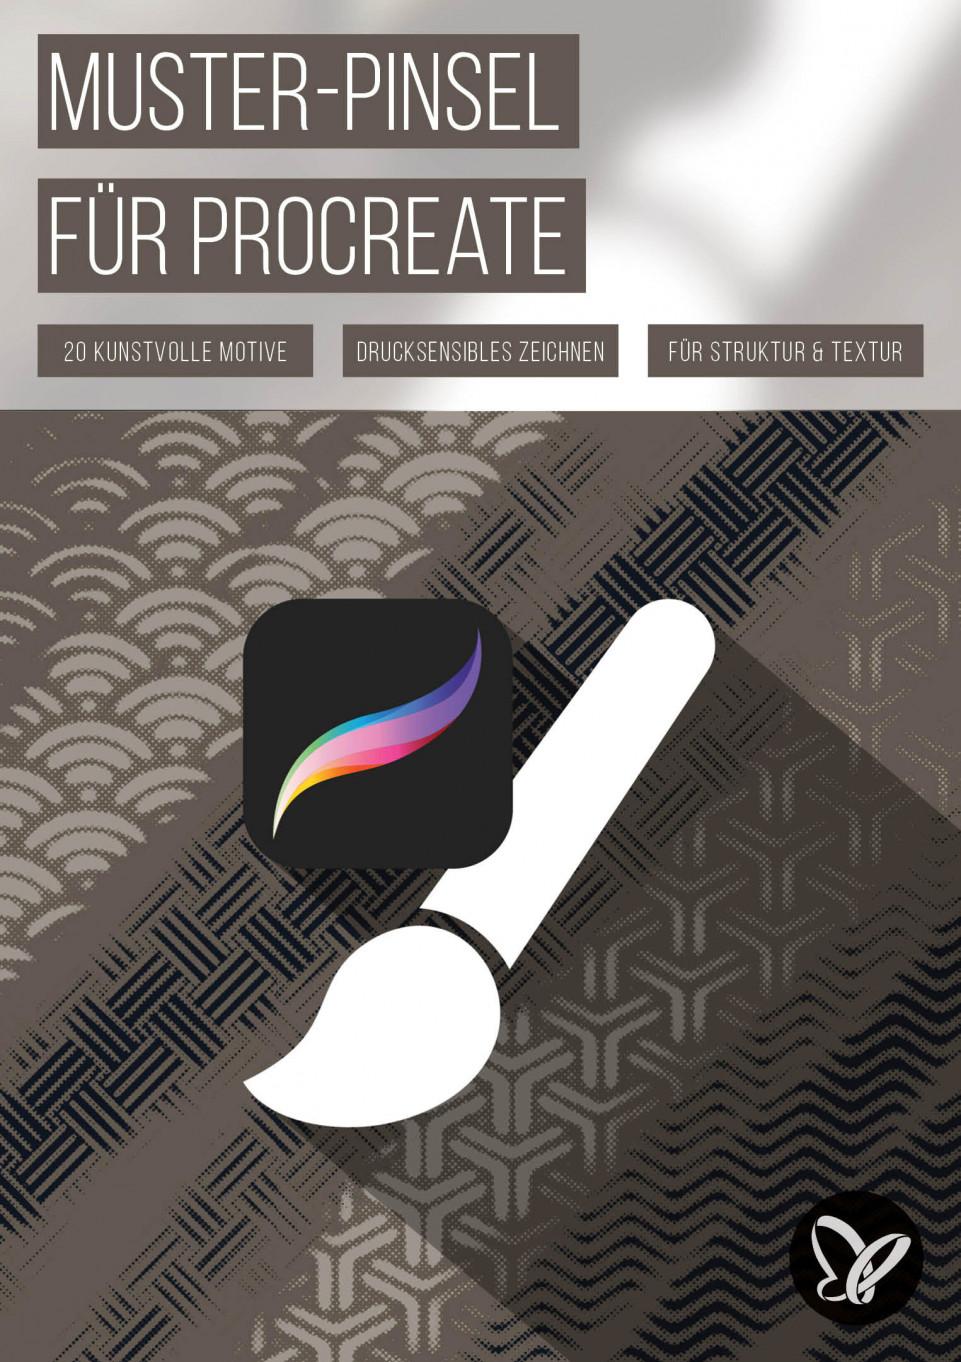 Pattern-Brushes für Procreate: 20 Muster-Pinsel für Zeichnungen mit Struktureffekt